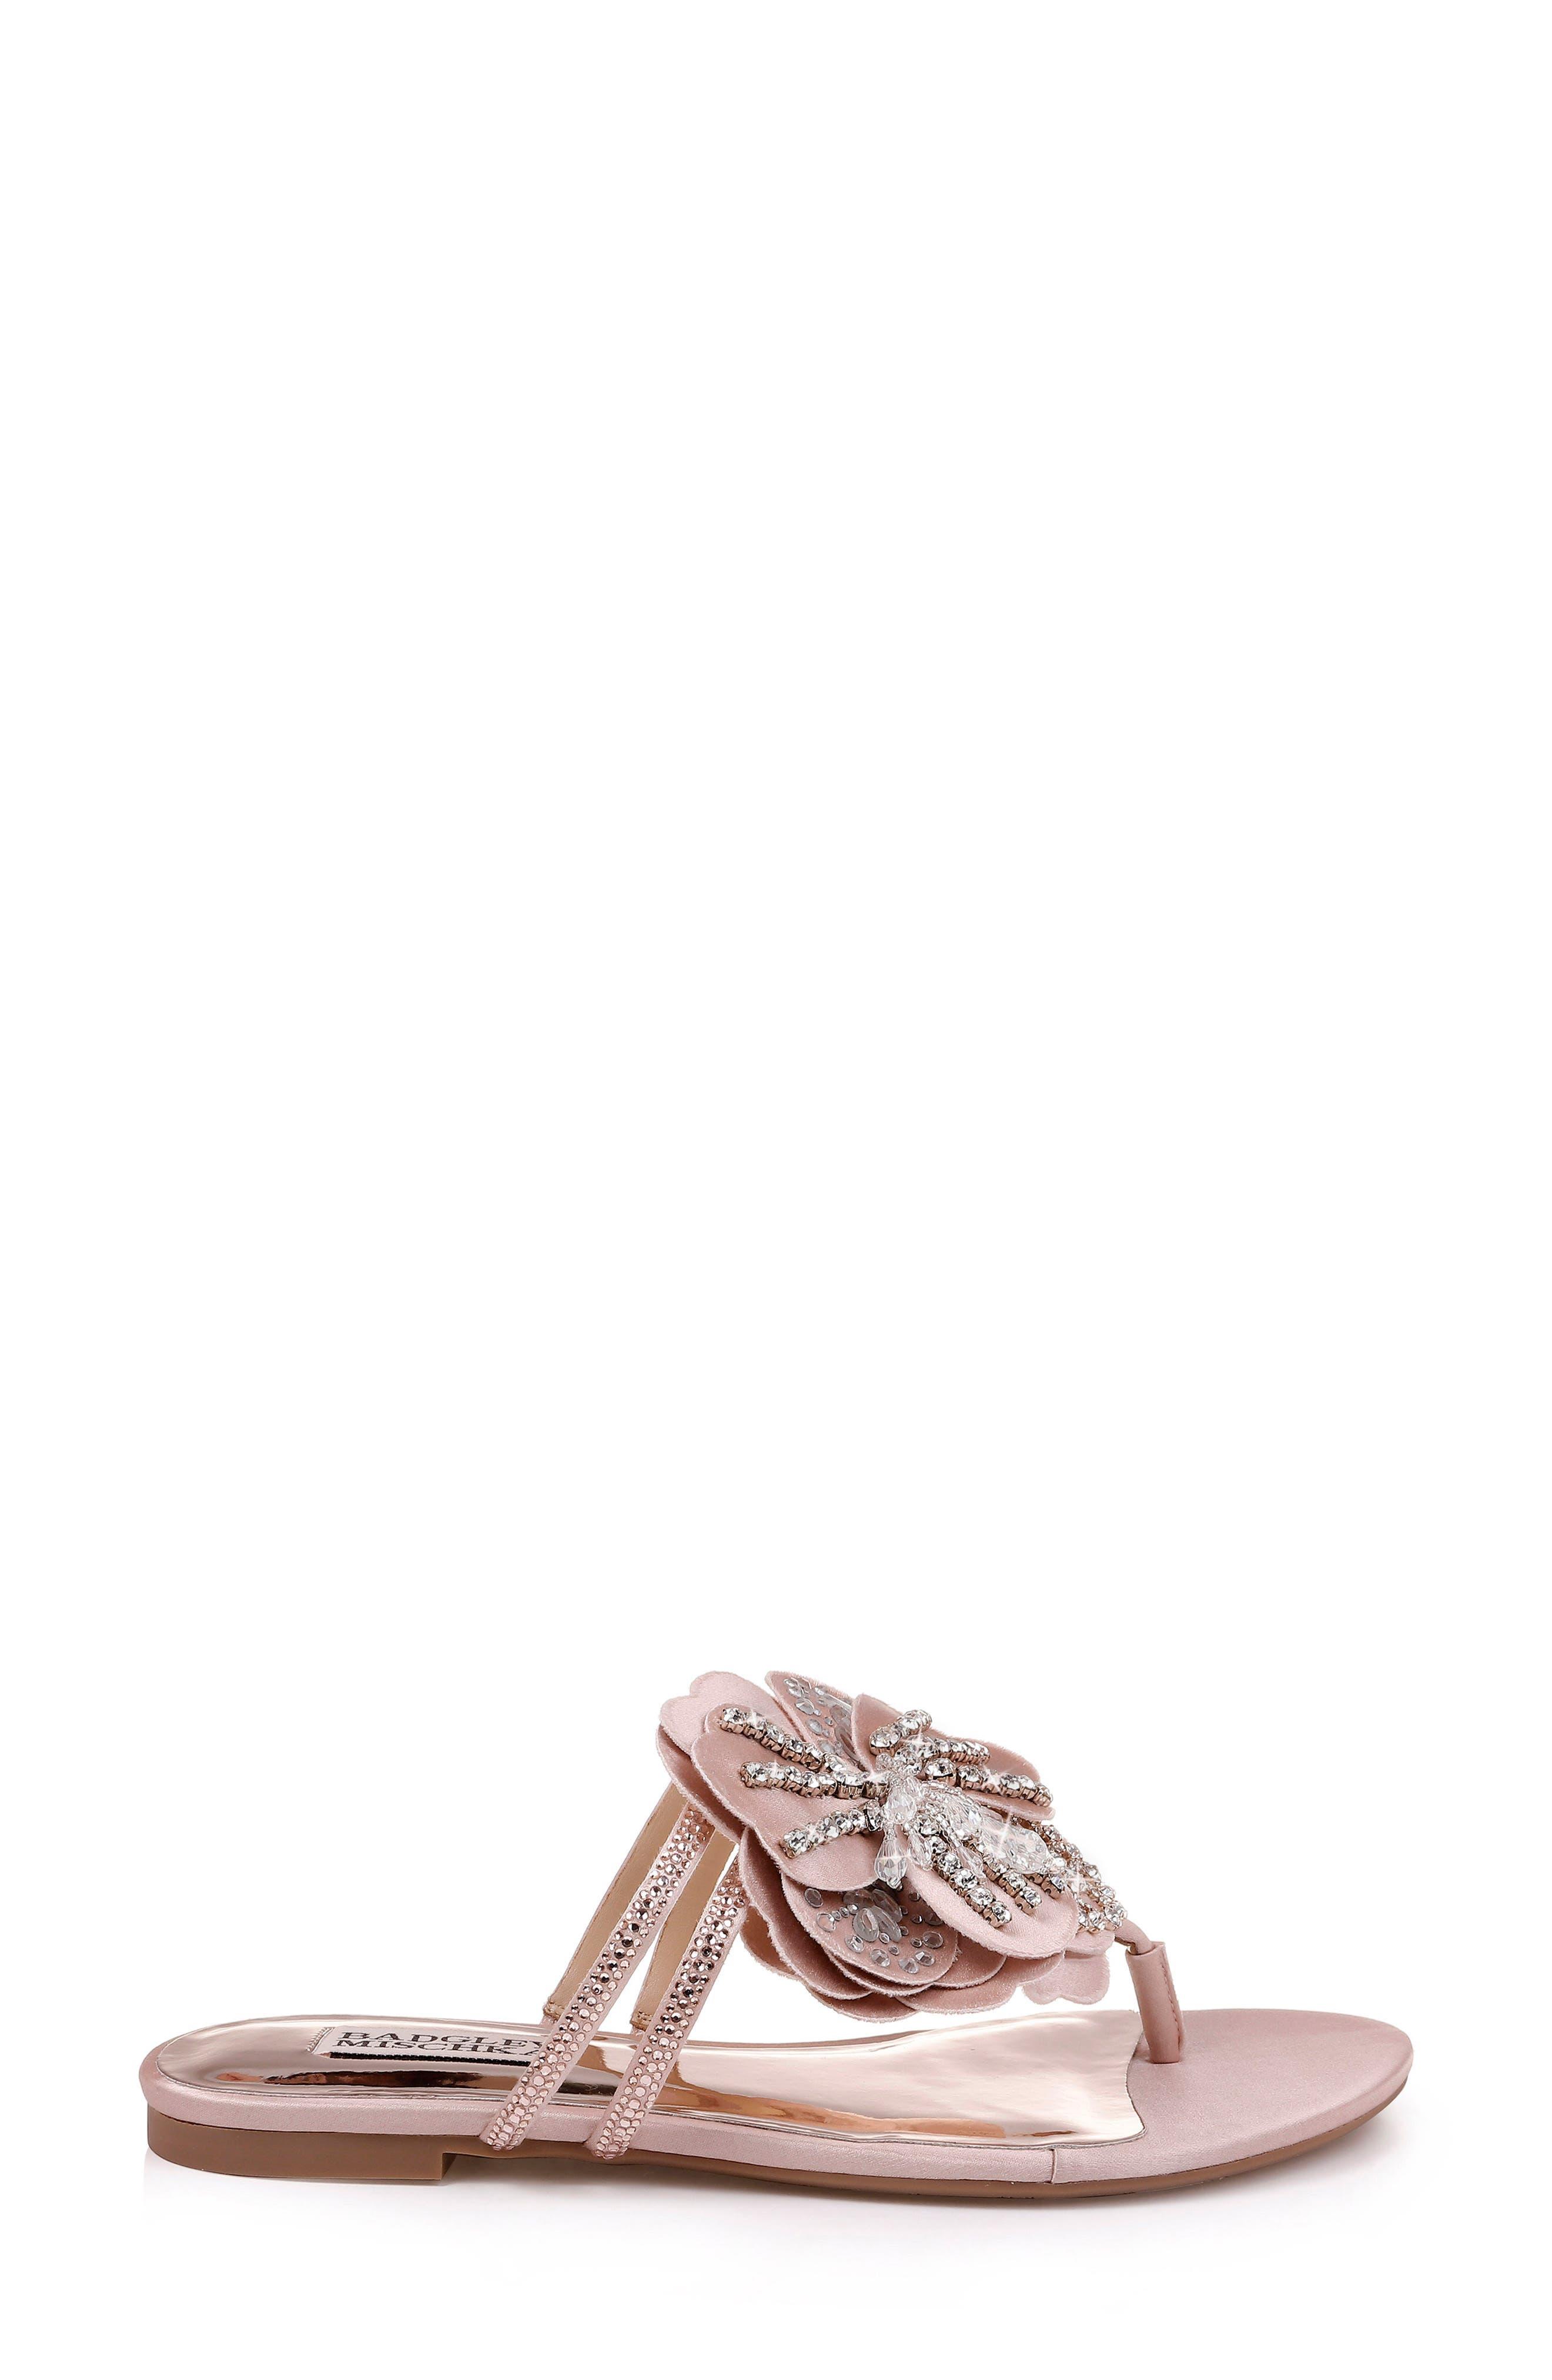 Badgley Mischka Laurie Embellished Slide Sandal,                             Alternate thumbnail 3, color,                             SOFT BLUSH SATIN